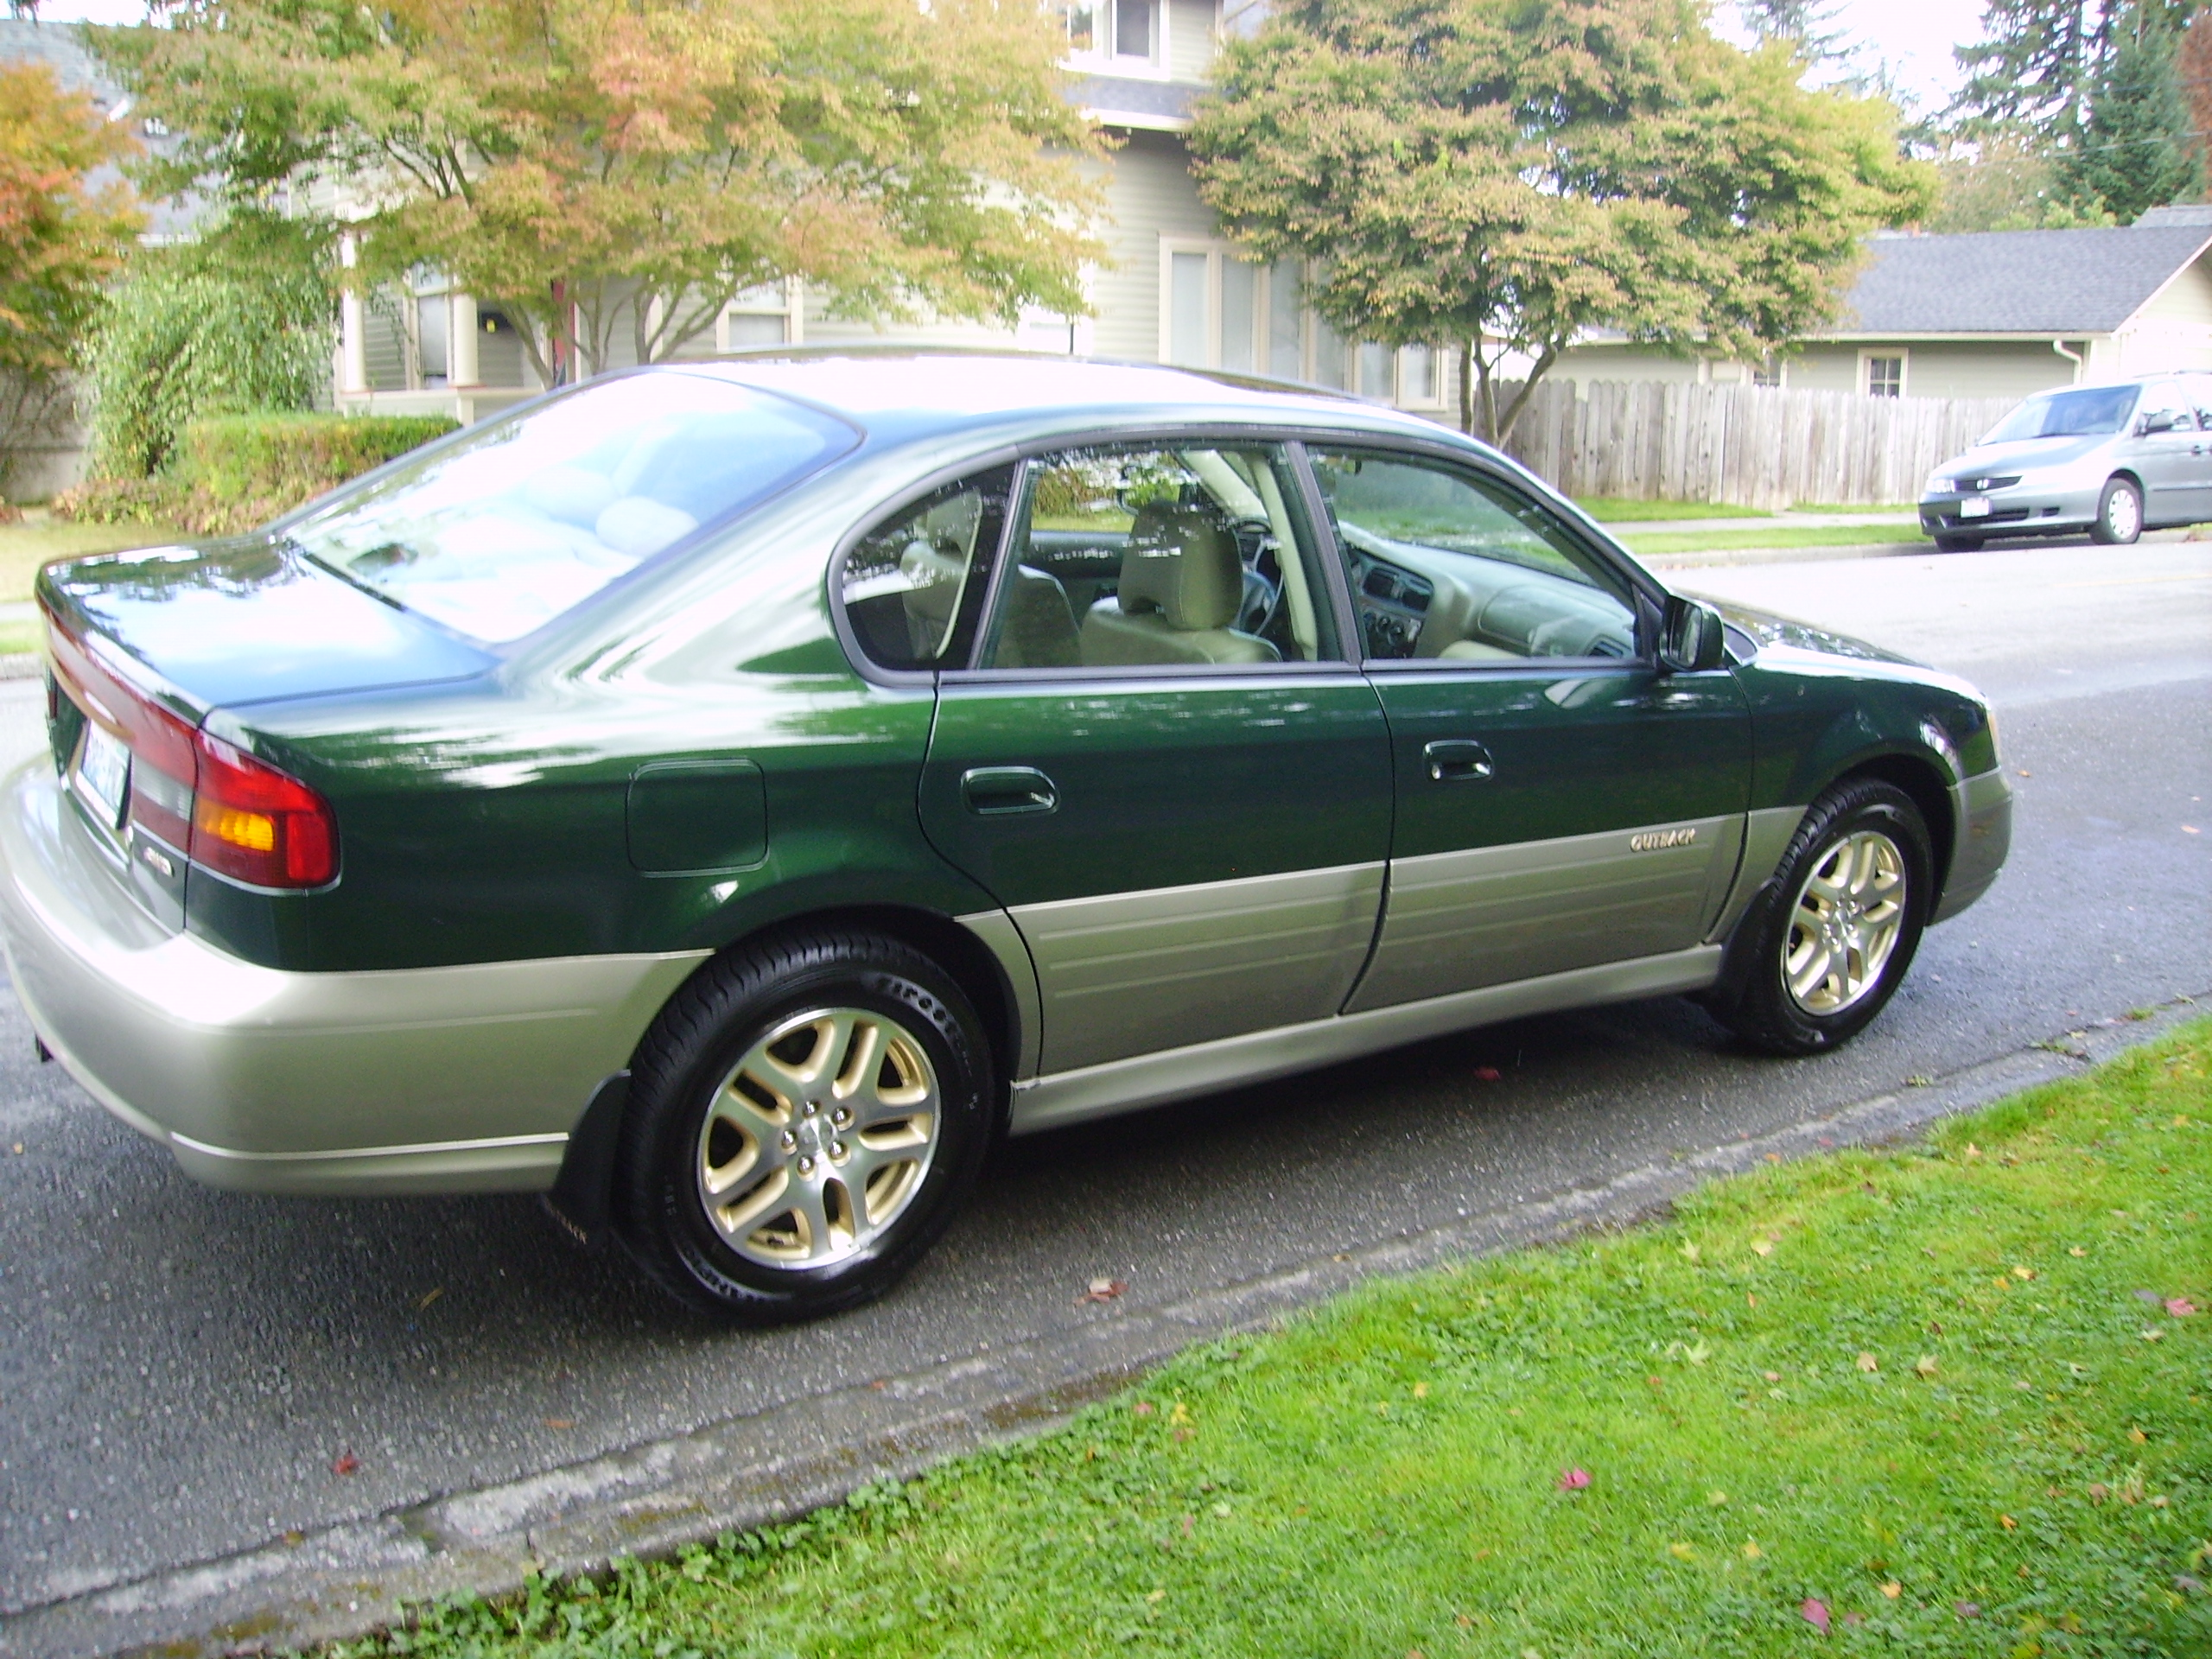 2001 Subaru Outback Sedan Awd Auto Sales